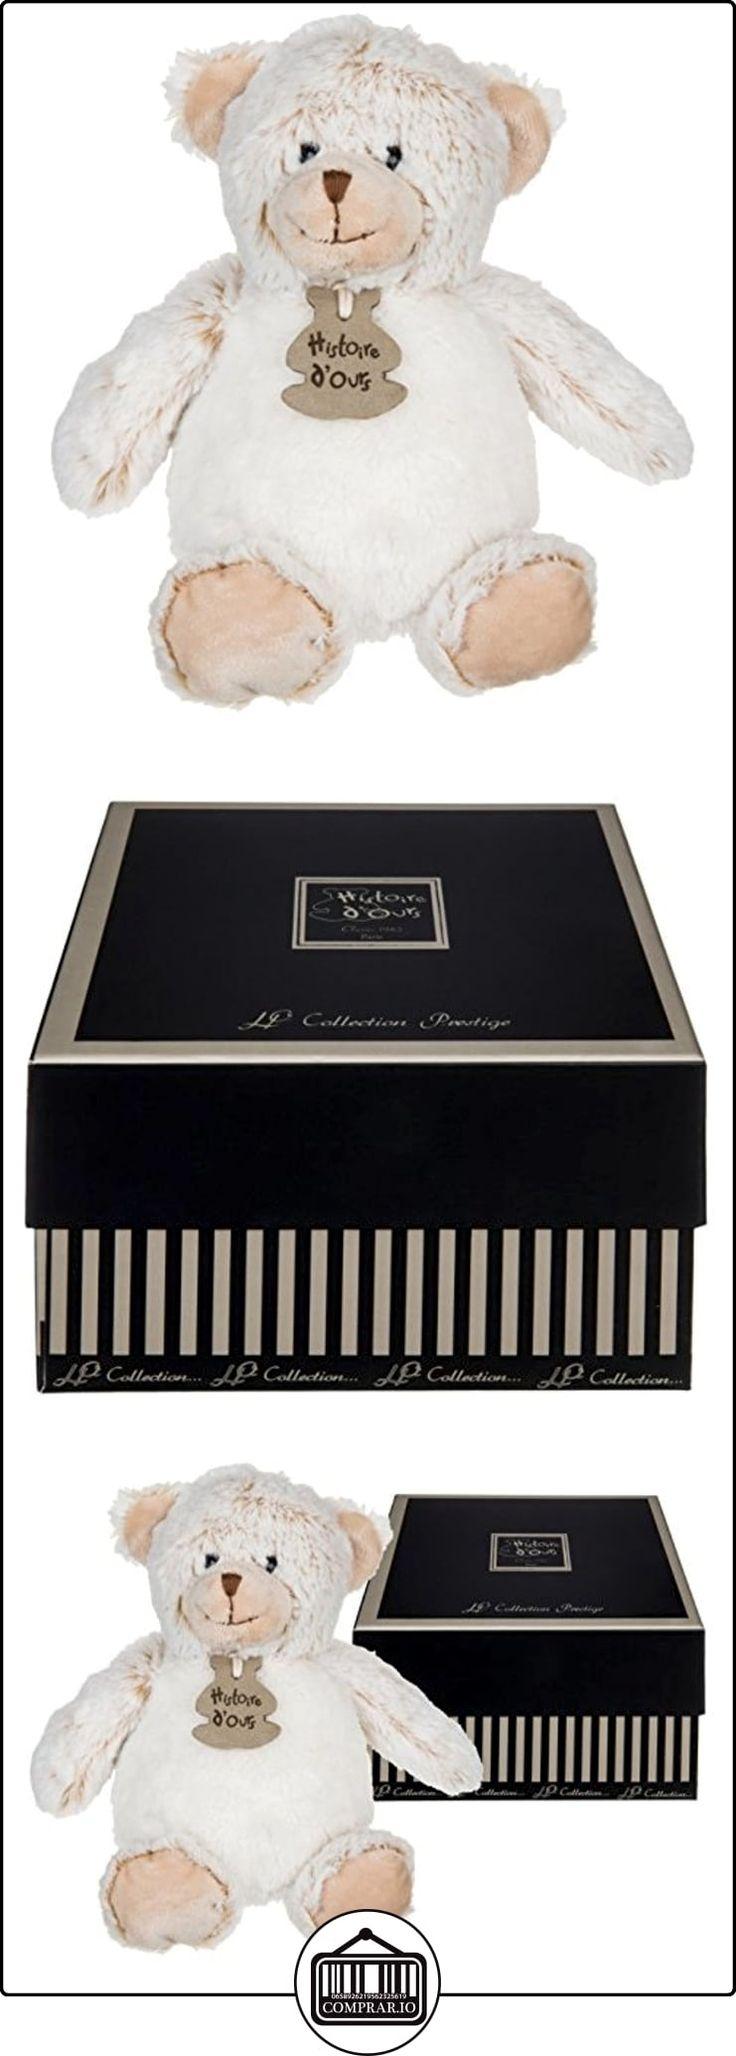 Histoire d'Ours - Peluches et Doudous - Peluche Ours / Ourson boule 24 cm MM - Doudou Beige chiné blanc - Collection : Z'Animoos - En boite / Coffret Cadeau  ✿ Regalos para recién nacidos - Bebes ✿ ▬► Ver oferta: http://comprar.io/goto/B00Y6XPV5G